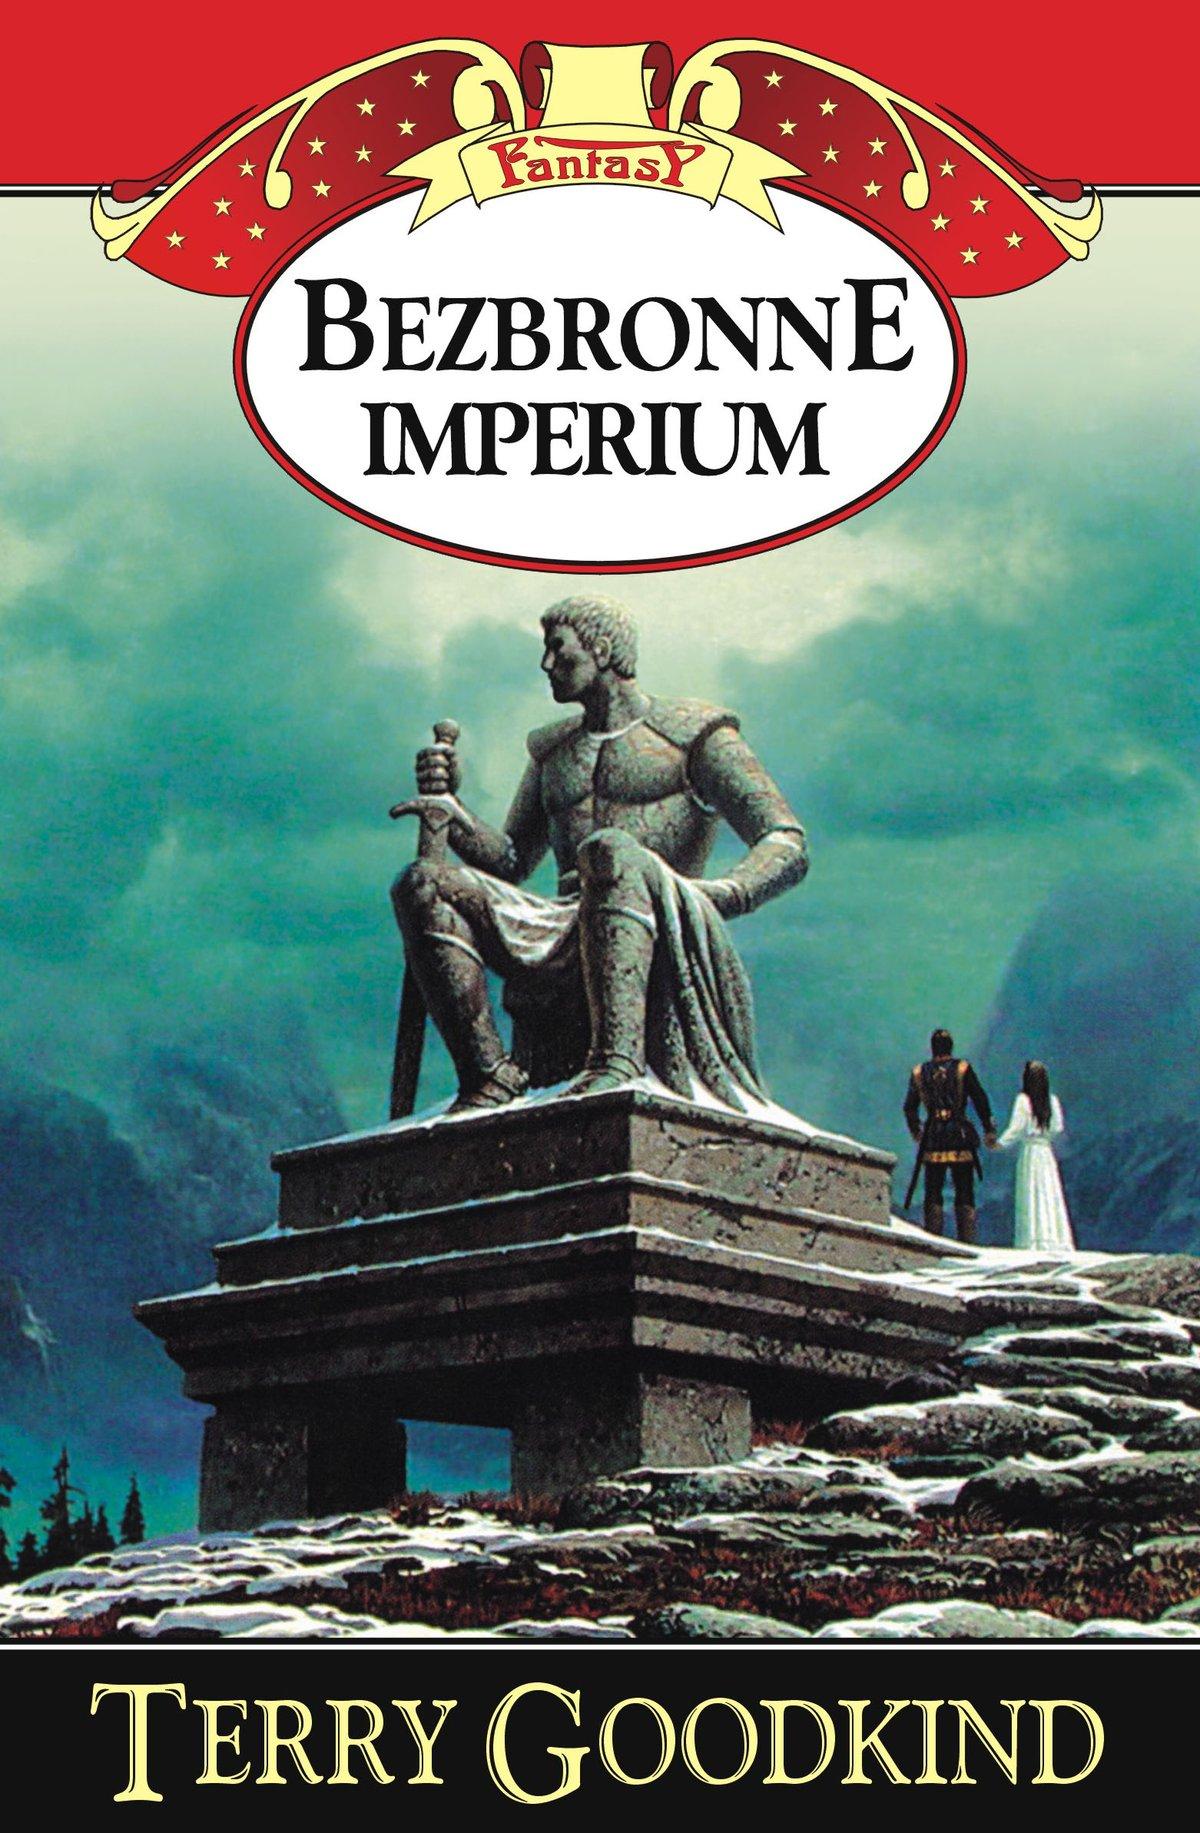 Bezbronne imperium - Ebook (Książka EPUB) do pobrania w formacie EPUB